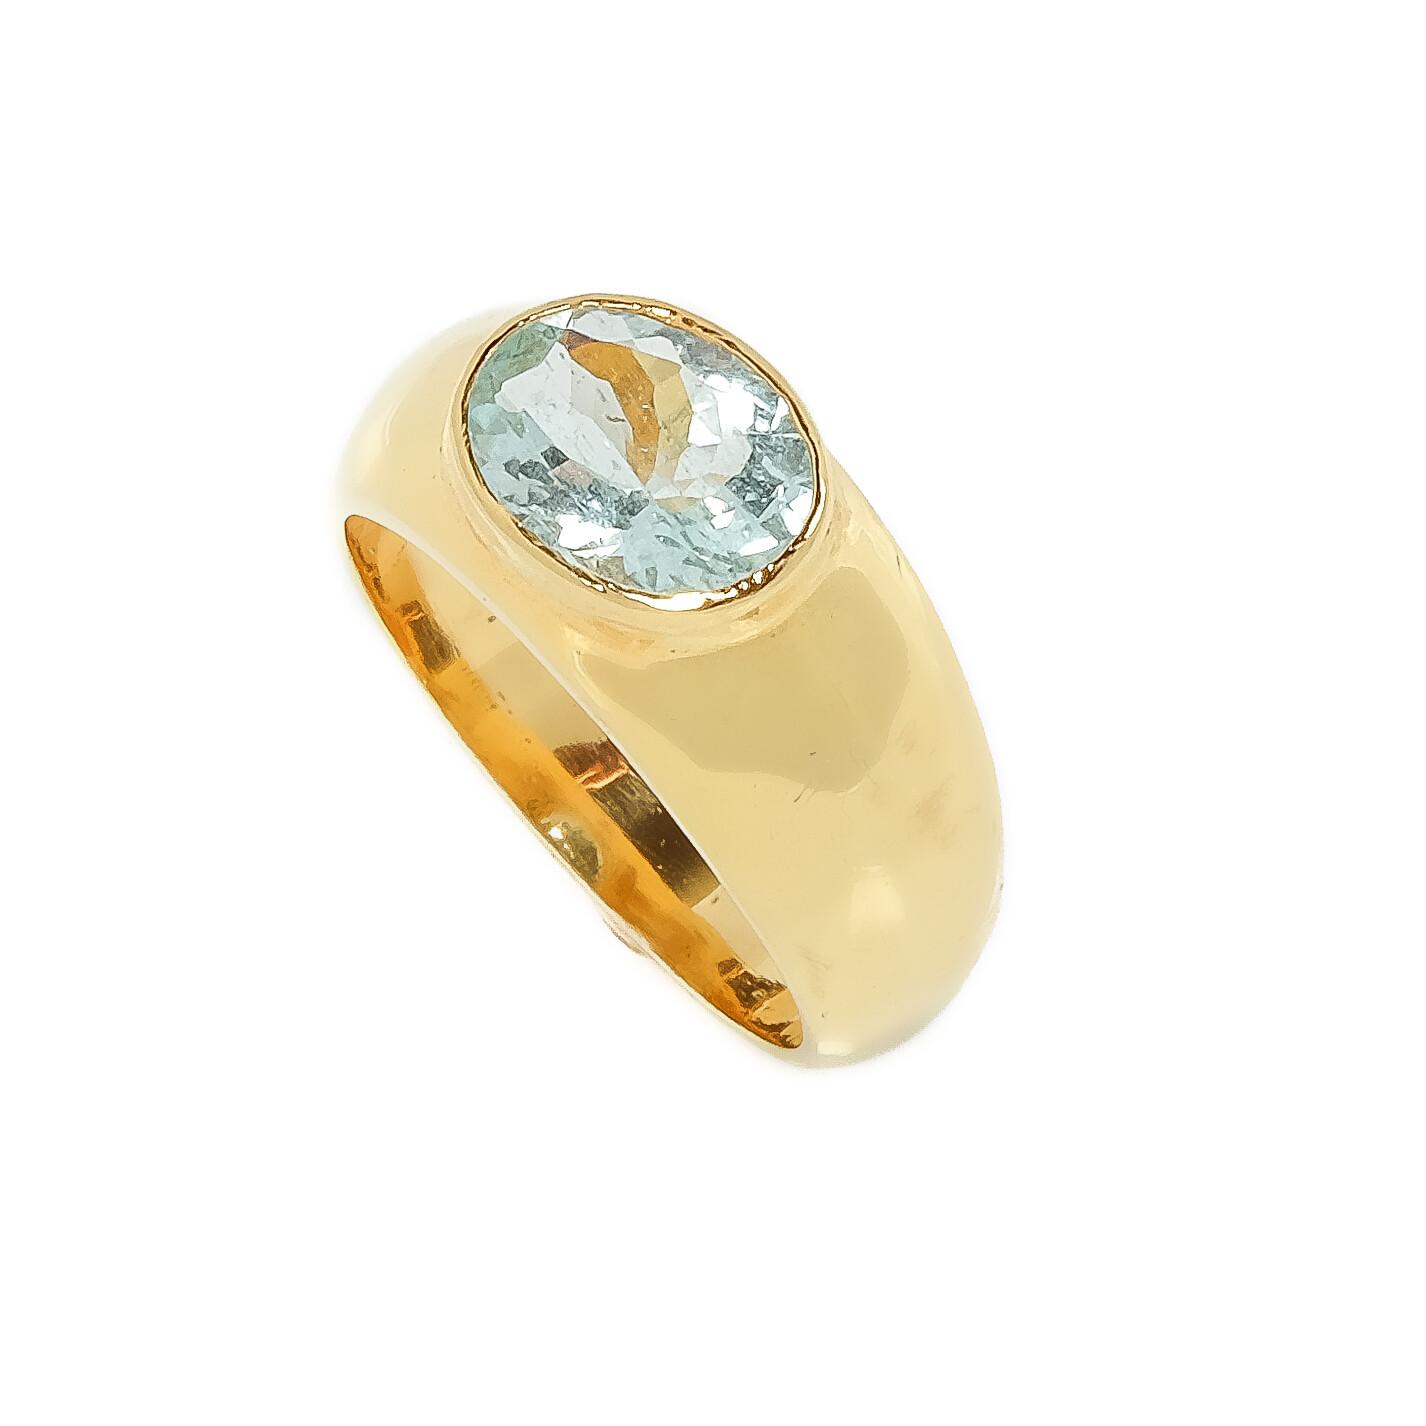 Elemental Gypsy Ring - Aquamarine - 6.5⌀ (Vermeil)